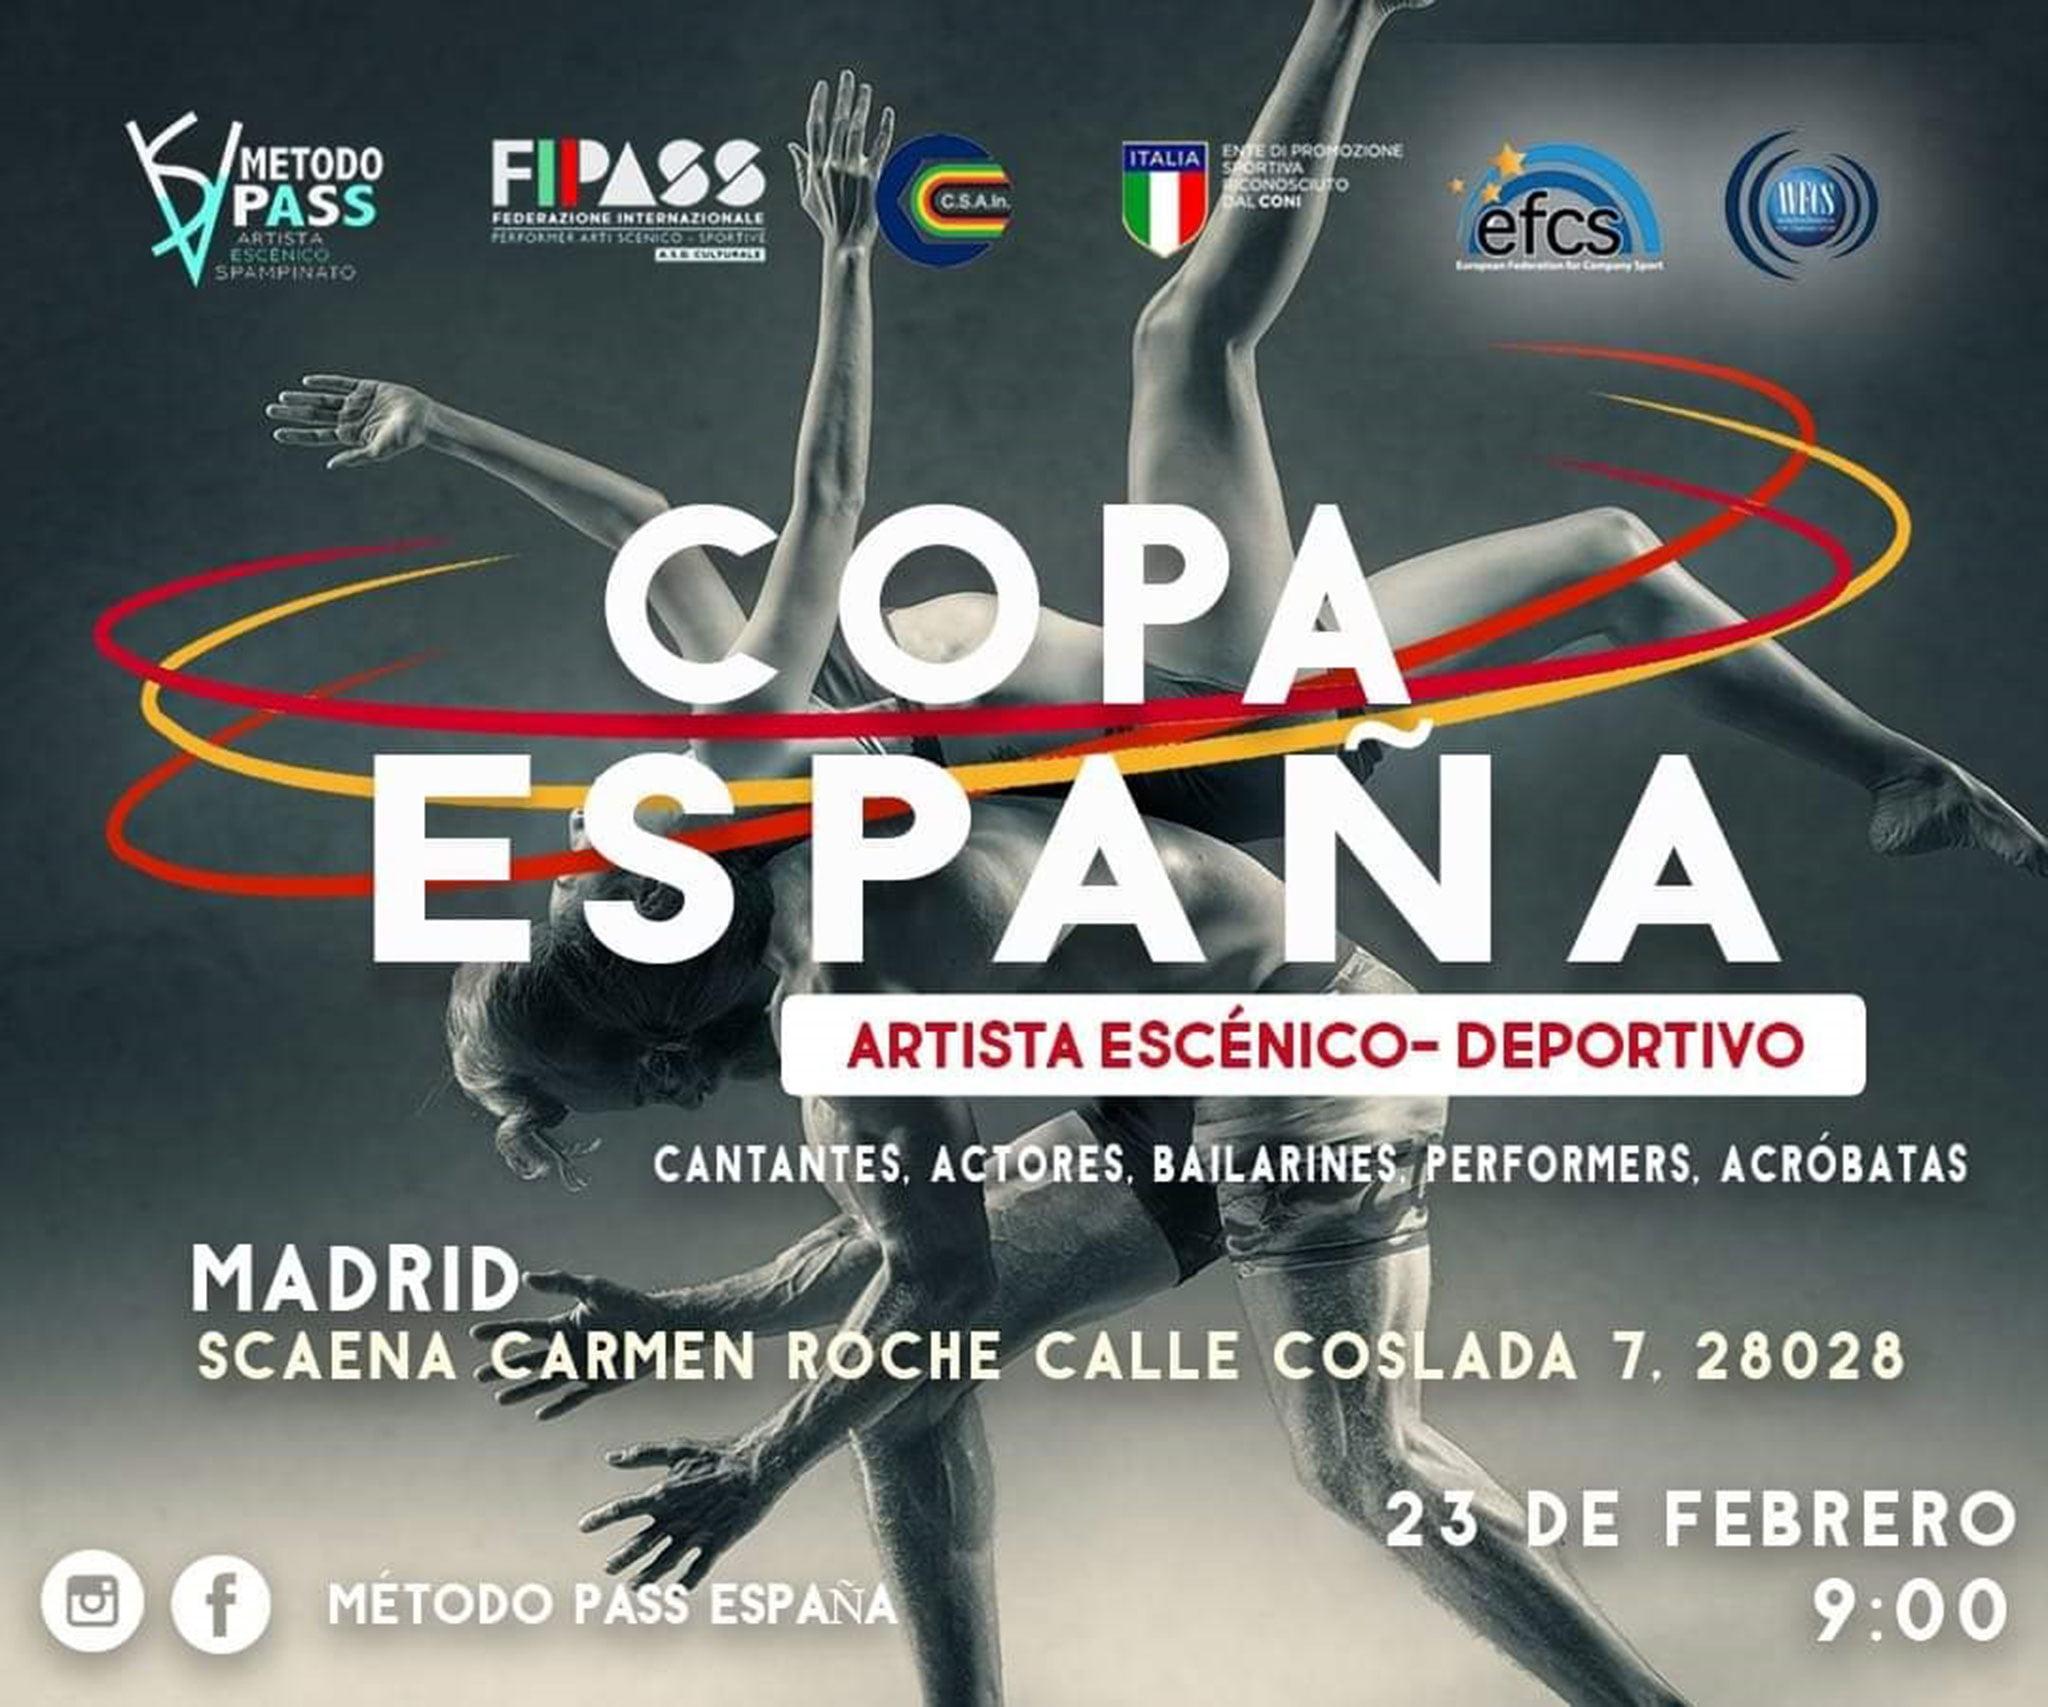 Cartel de la Copa de España a la que se presenta la Dance Academy by Miguel Ángel Bolo – Centro Deportivo Dénia